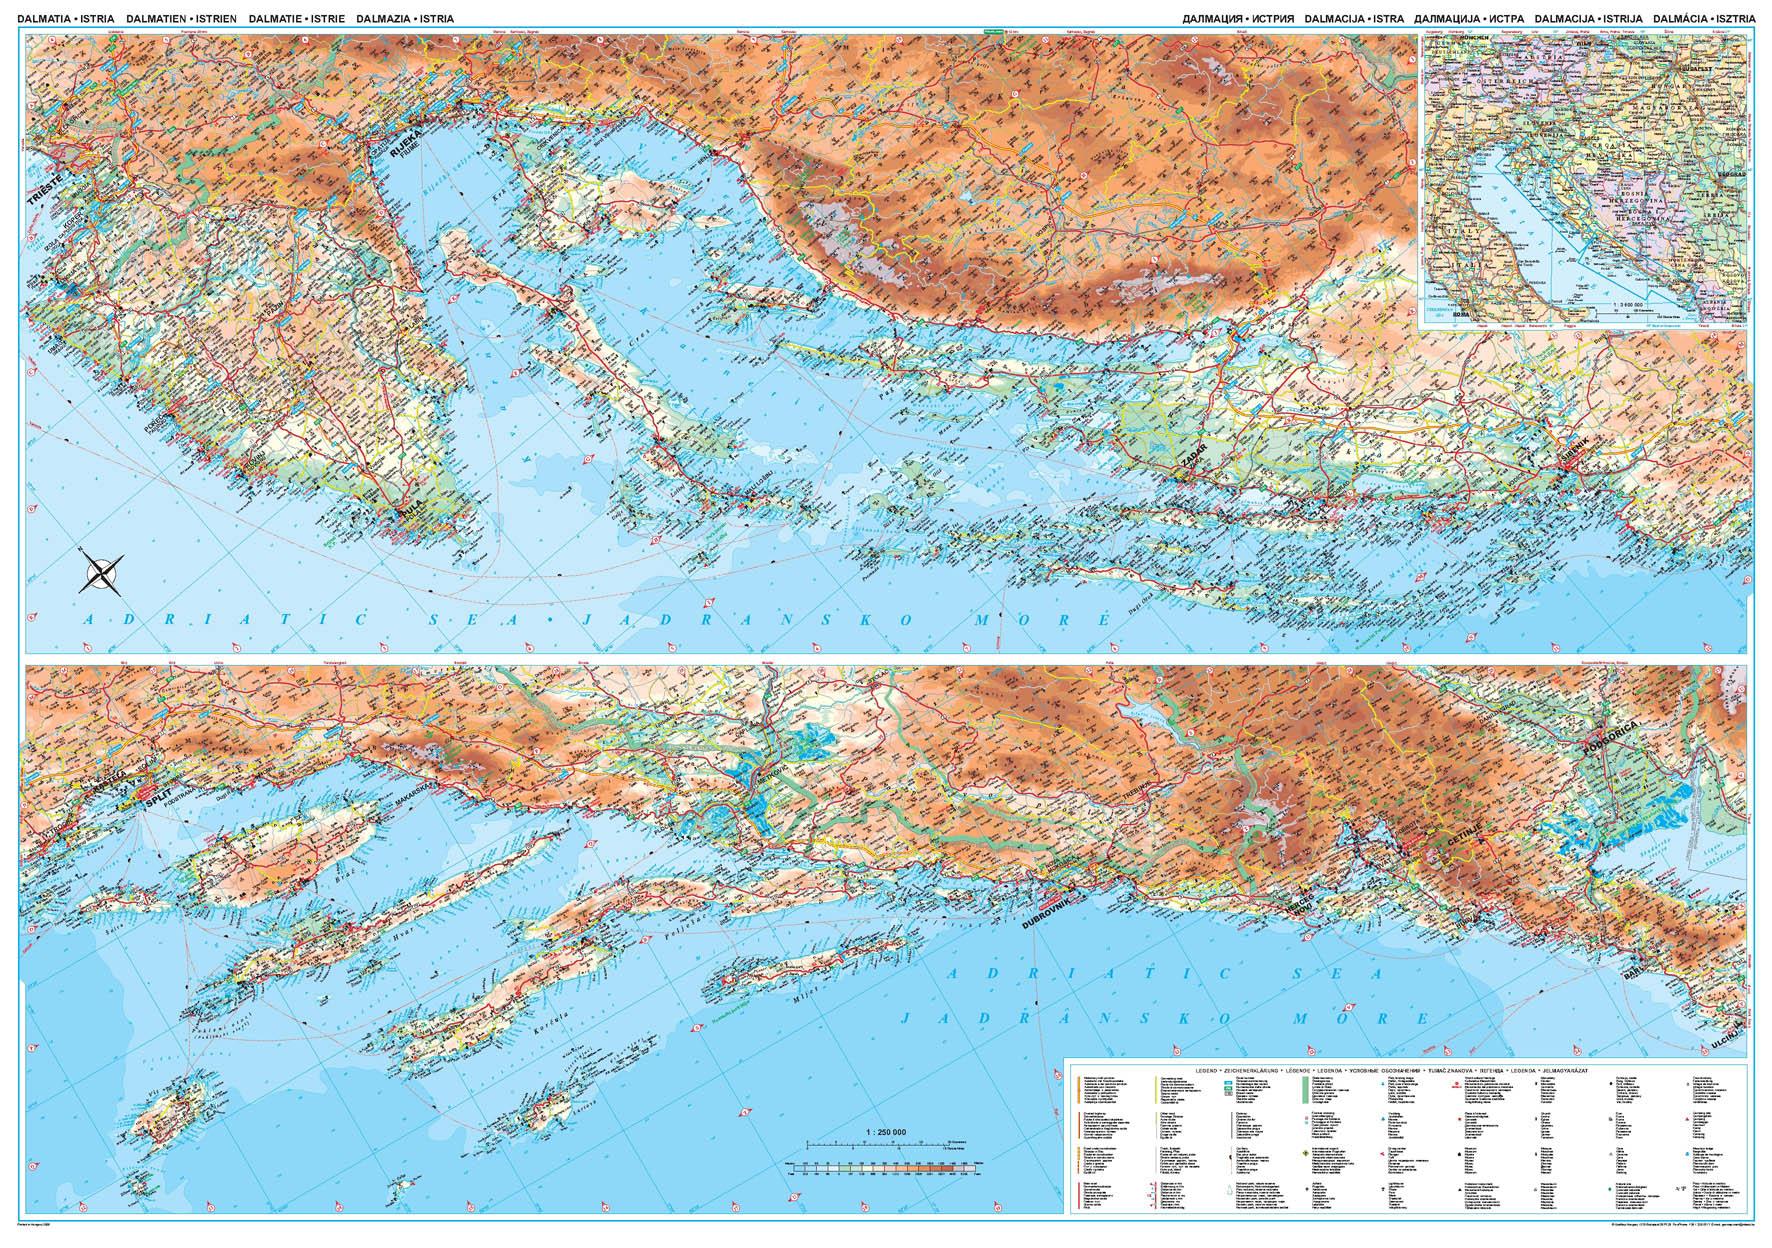 Dalmácia áttekintõ térképe